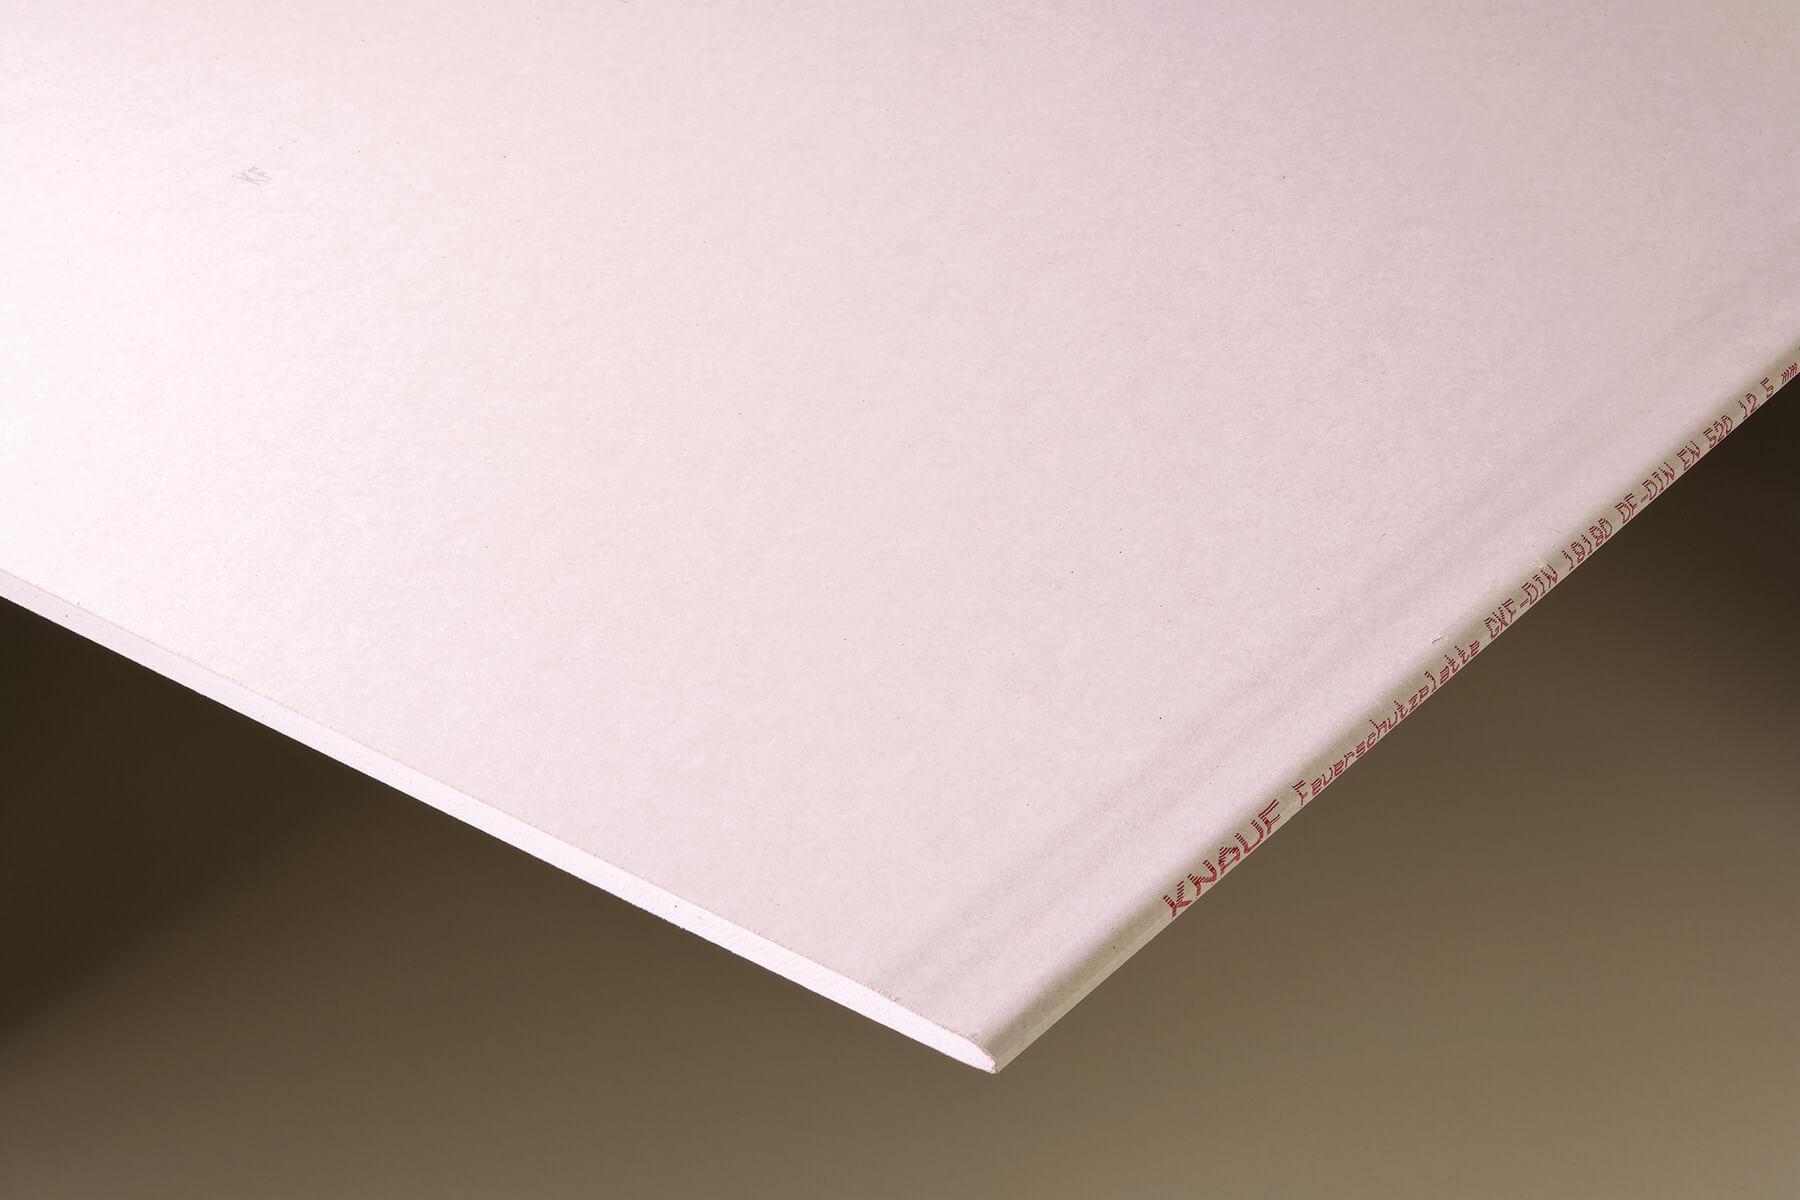 Vatrootporna gips kartonska ploča GKF, 12,5x1250x2000 mm, KNAUF